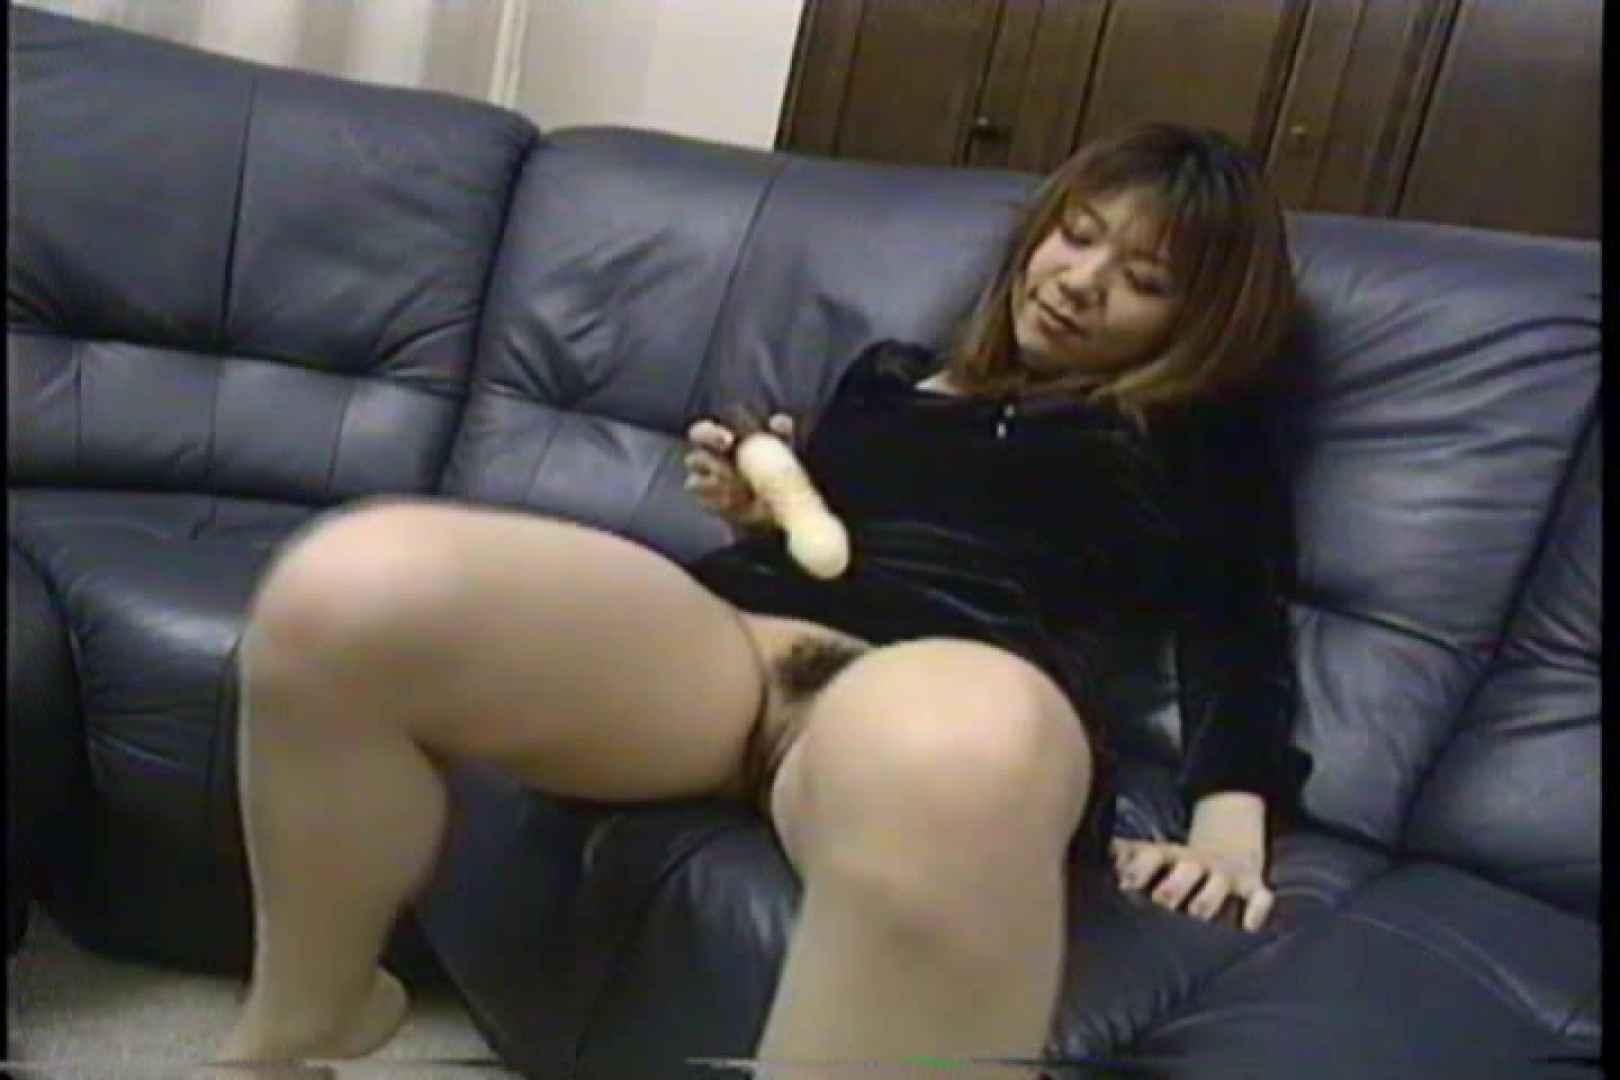 かわいい人妻、巨乳が疼いて止まらない~飯島れいか~ 巨乳に挟まれたい 濡れ場動画紹介 106pic 54